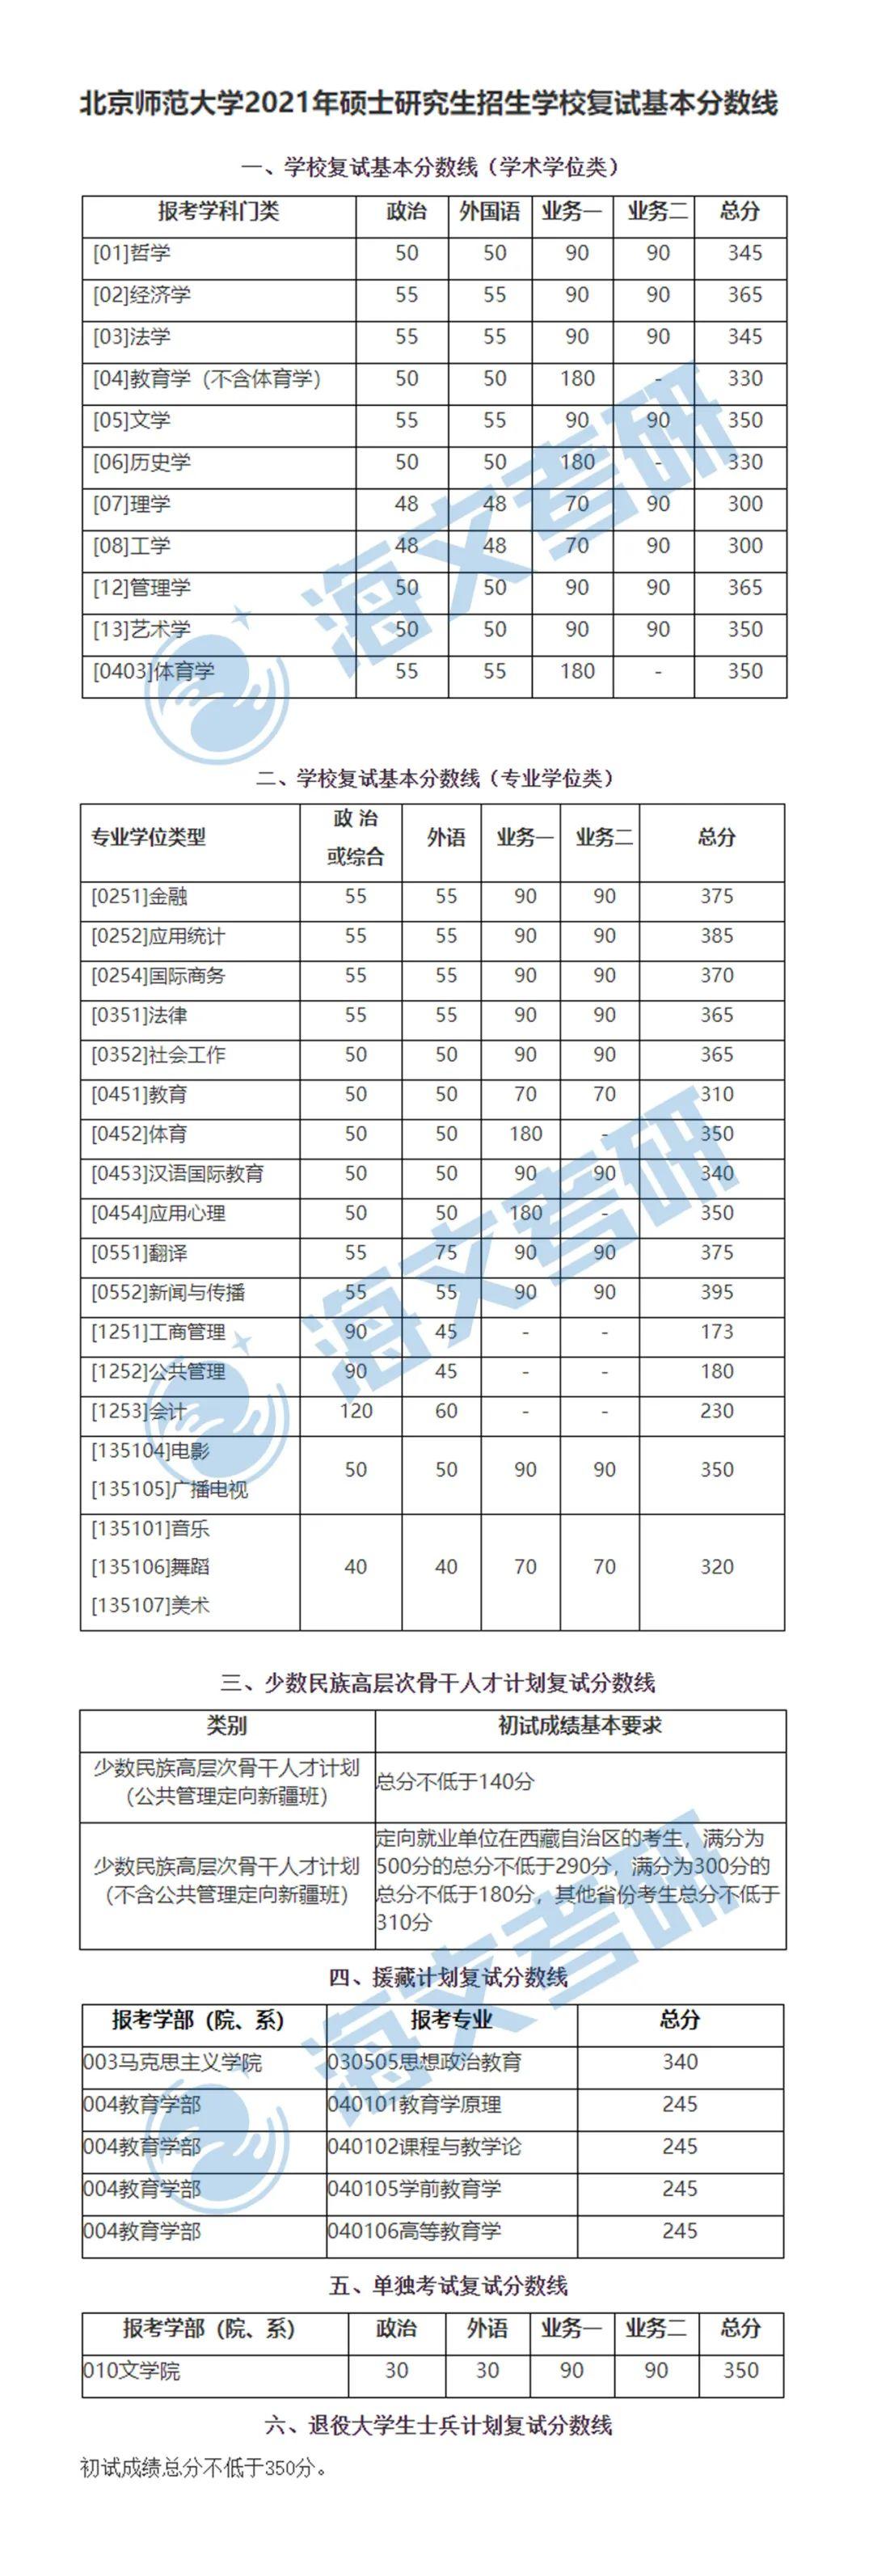 2021考研北京师范大学各专业复试分数线汇总